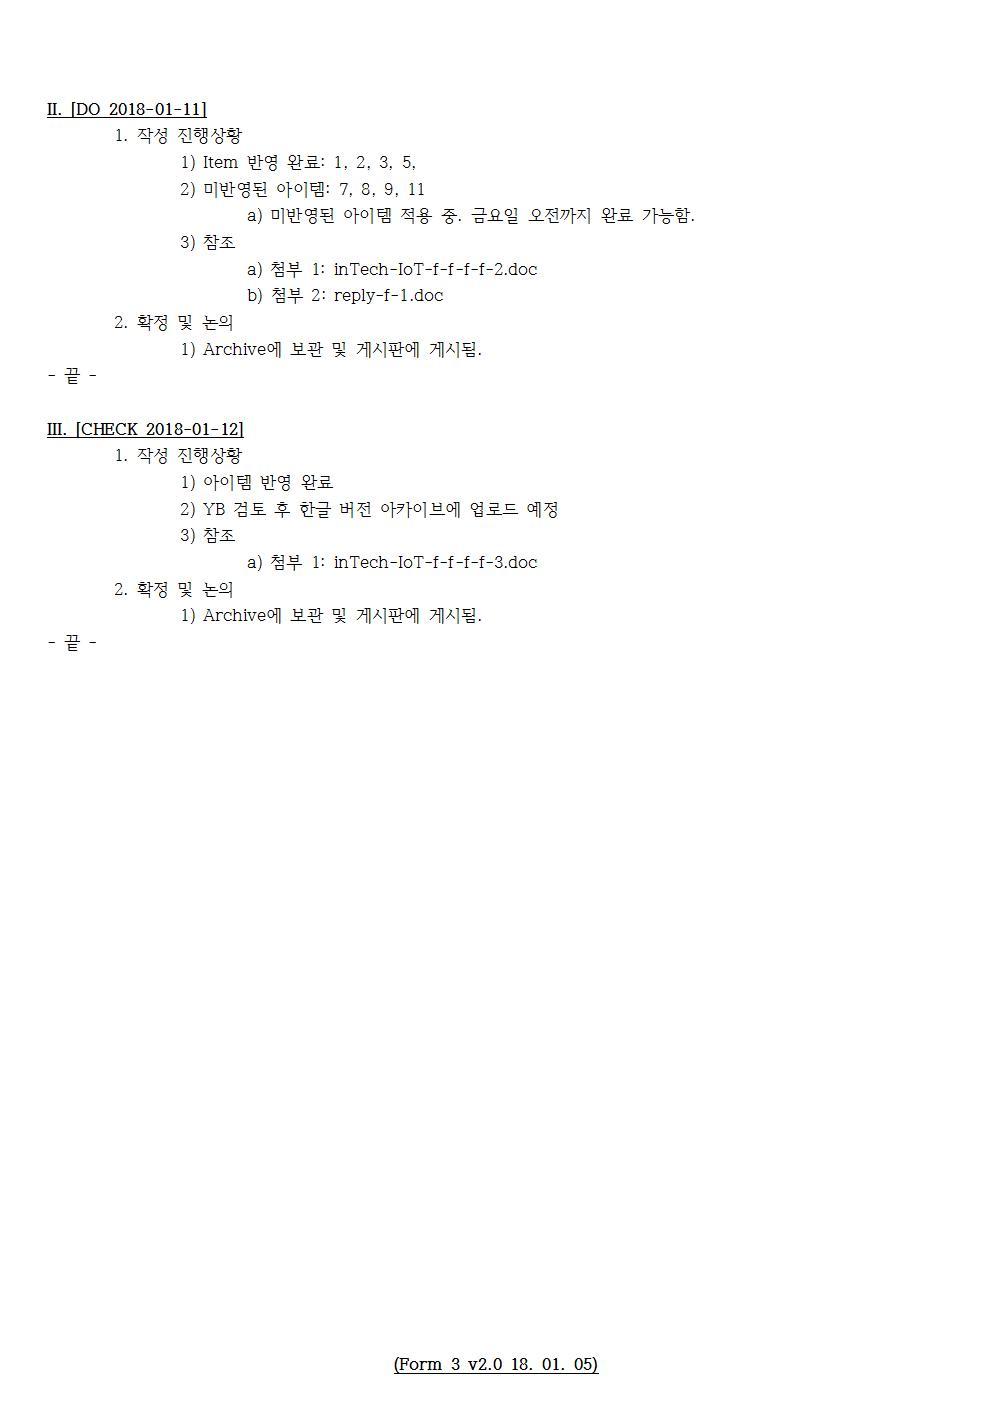 D-[18-007-PP-01]-[InTechdT-Calculus]-[2018-01-12][SH]002.jpg